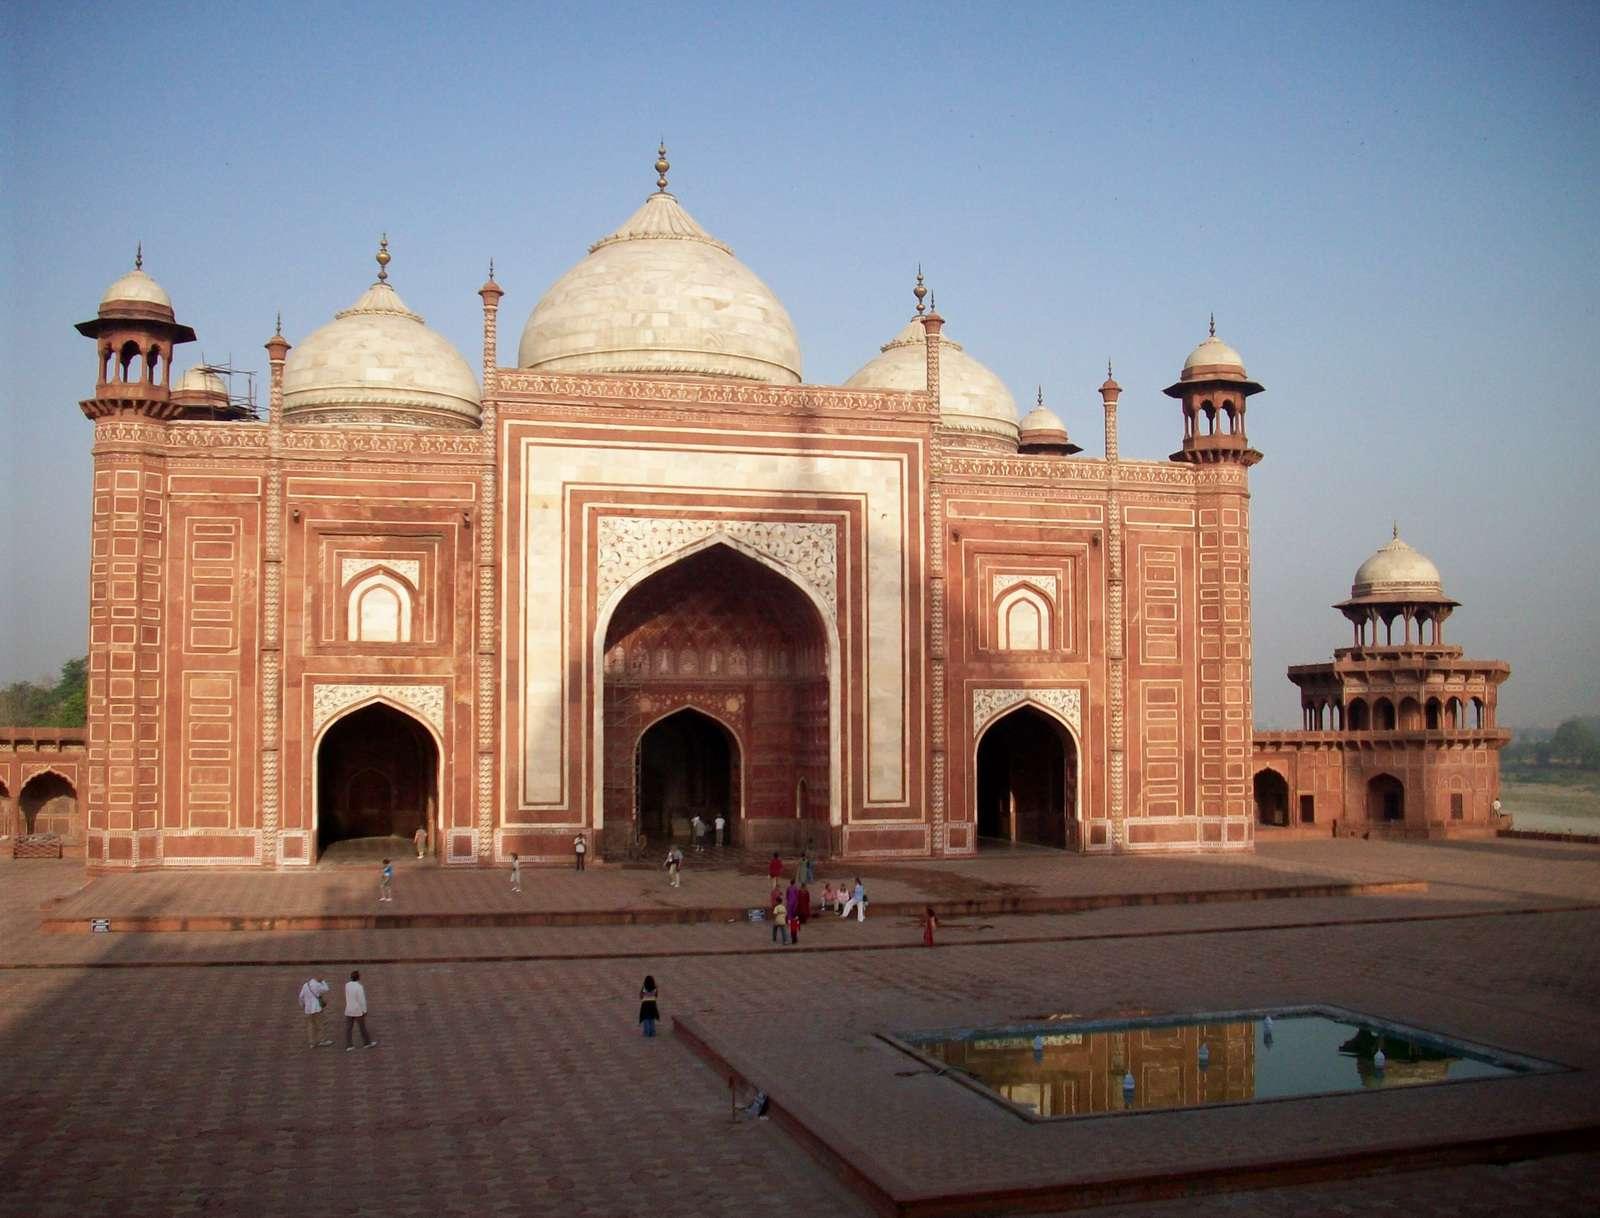 عکس مسجد تاج محل